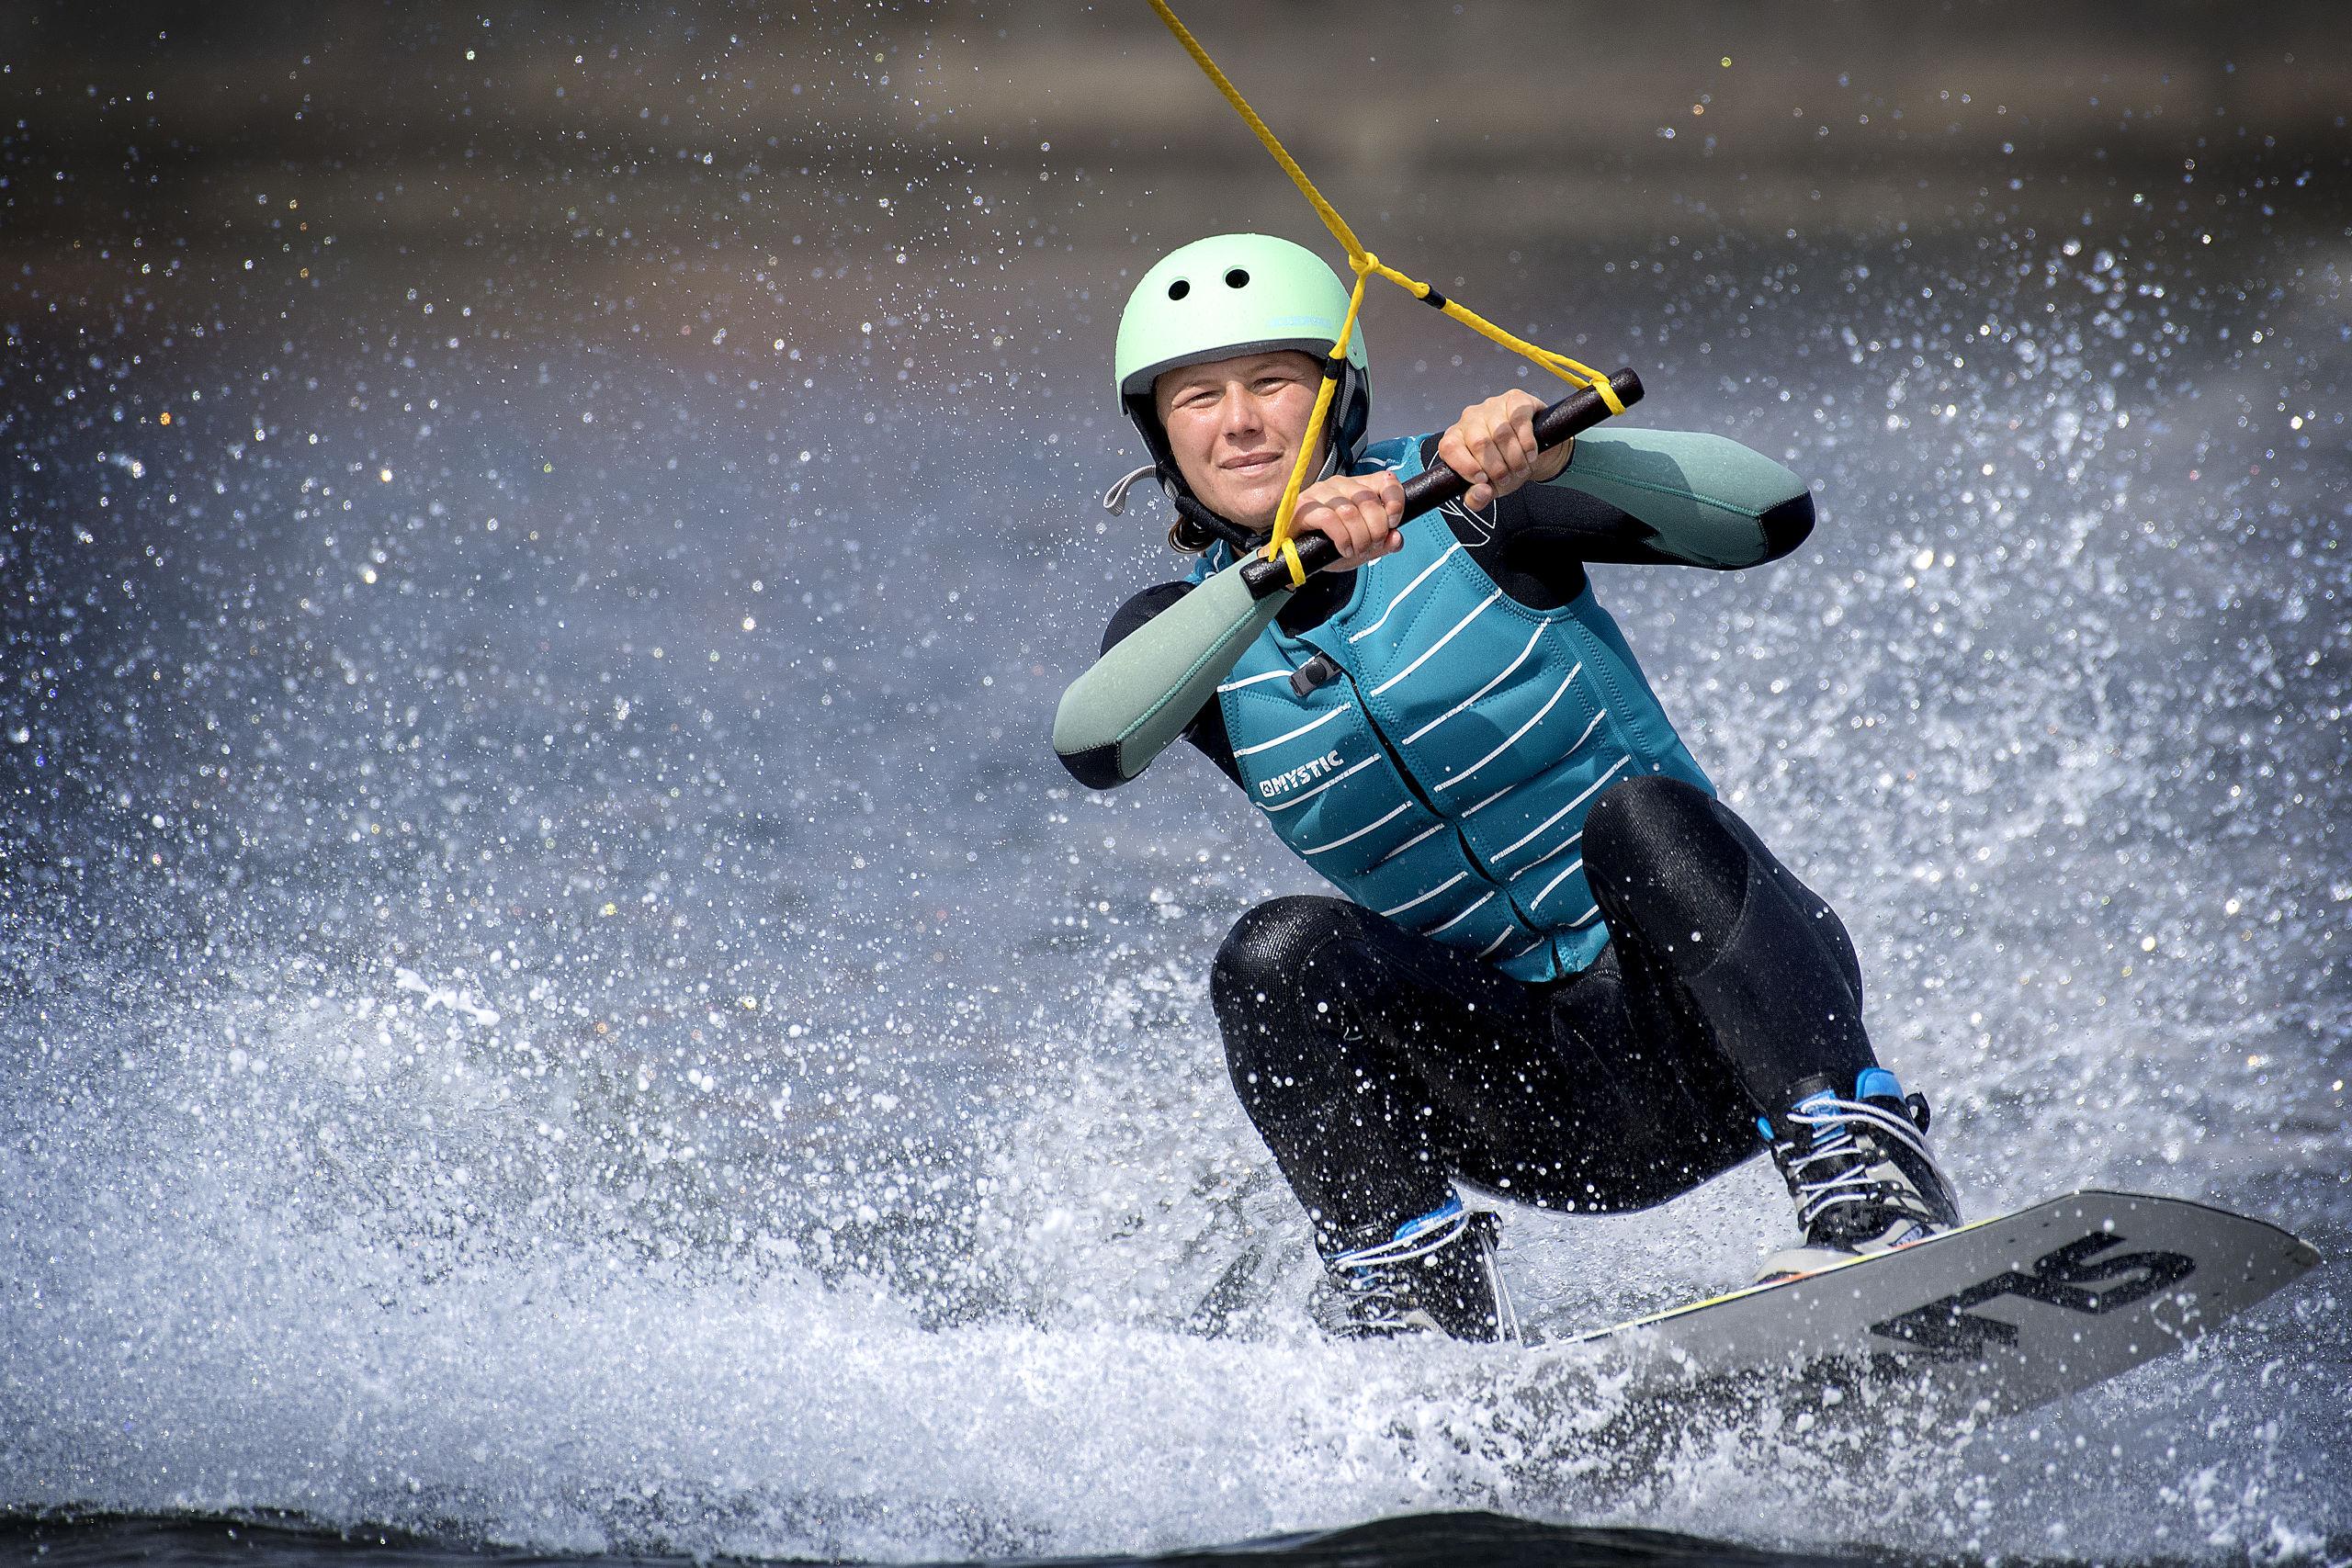 Den 22-årige Rebecca Bon, Aalborg, mestrer sit wakeboard sikkert og stilfuldt, og hun siger, at det er en rigtig fed oplevelse at flyve hen over vandet. Arkivfoto: Lars Pauli